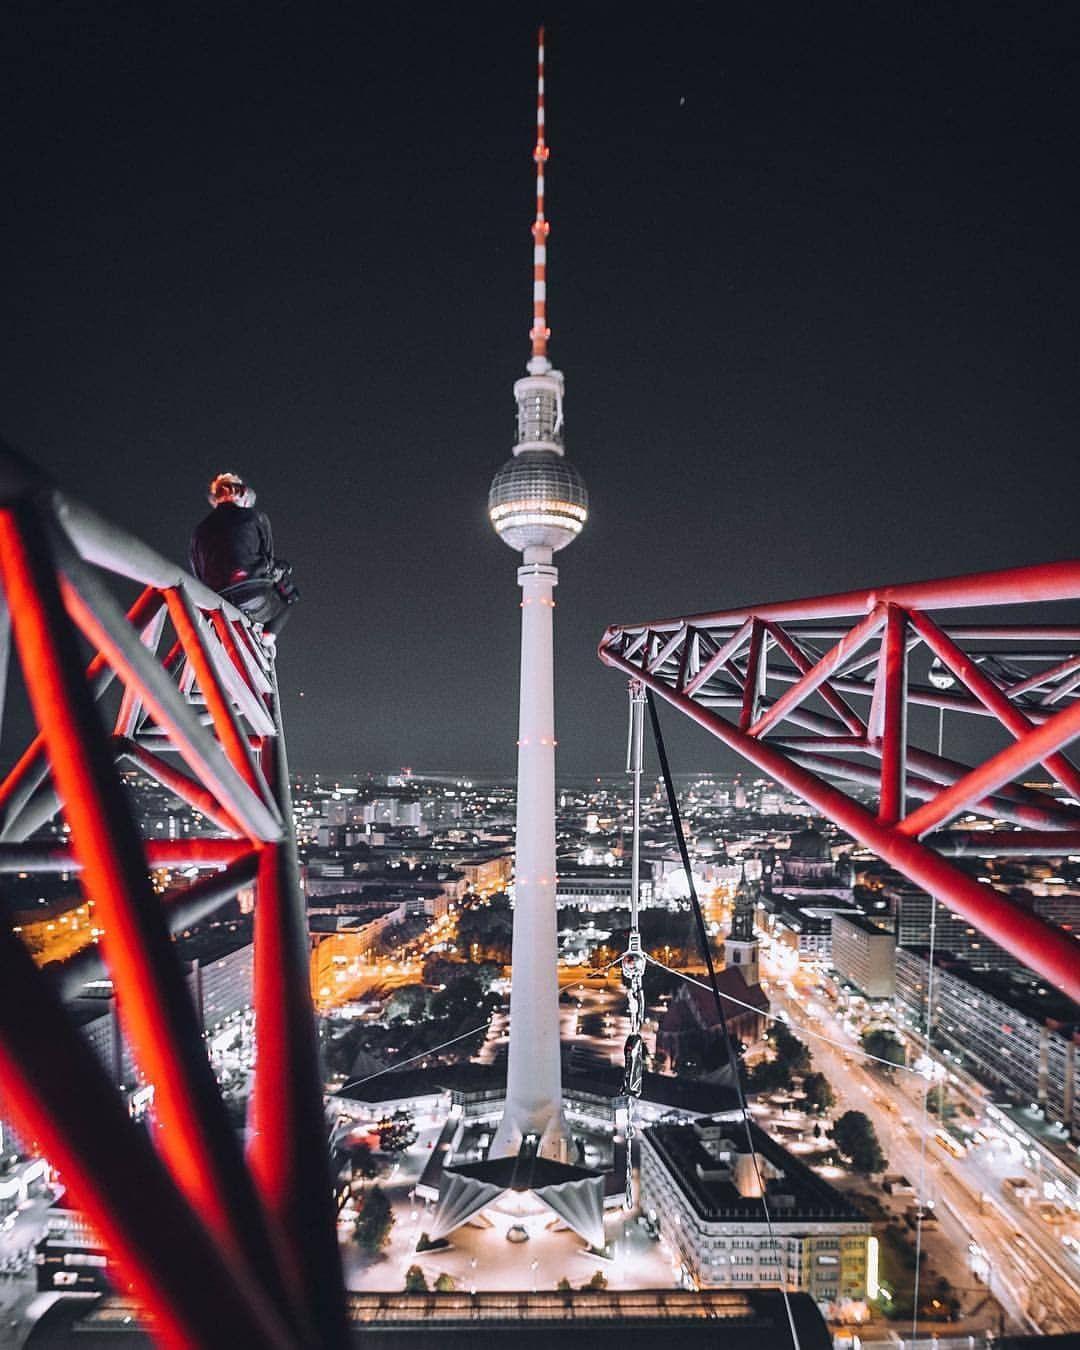 Photo By Hd Xr Bestofberlin Berlin Fernsehturm Ale Fernsehturm Berlin Berlin Stadt Best Of Berlin